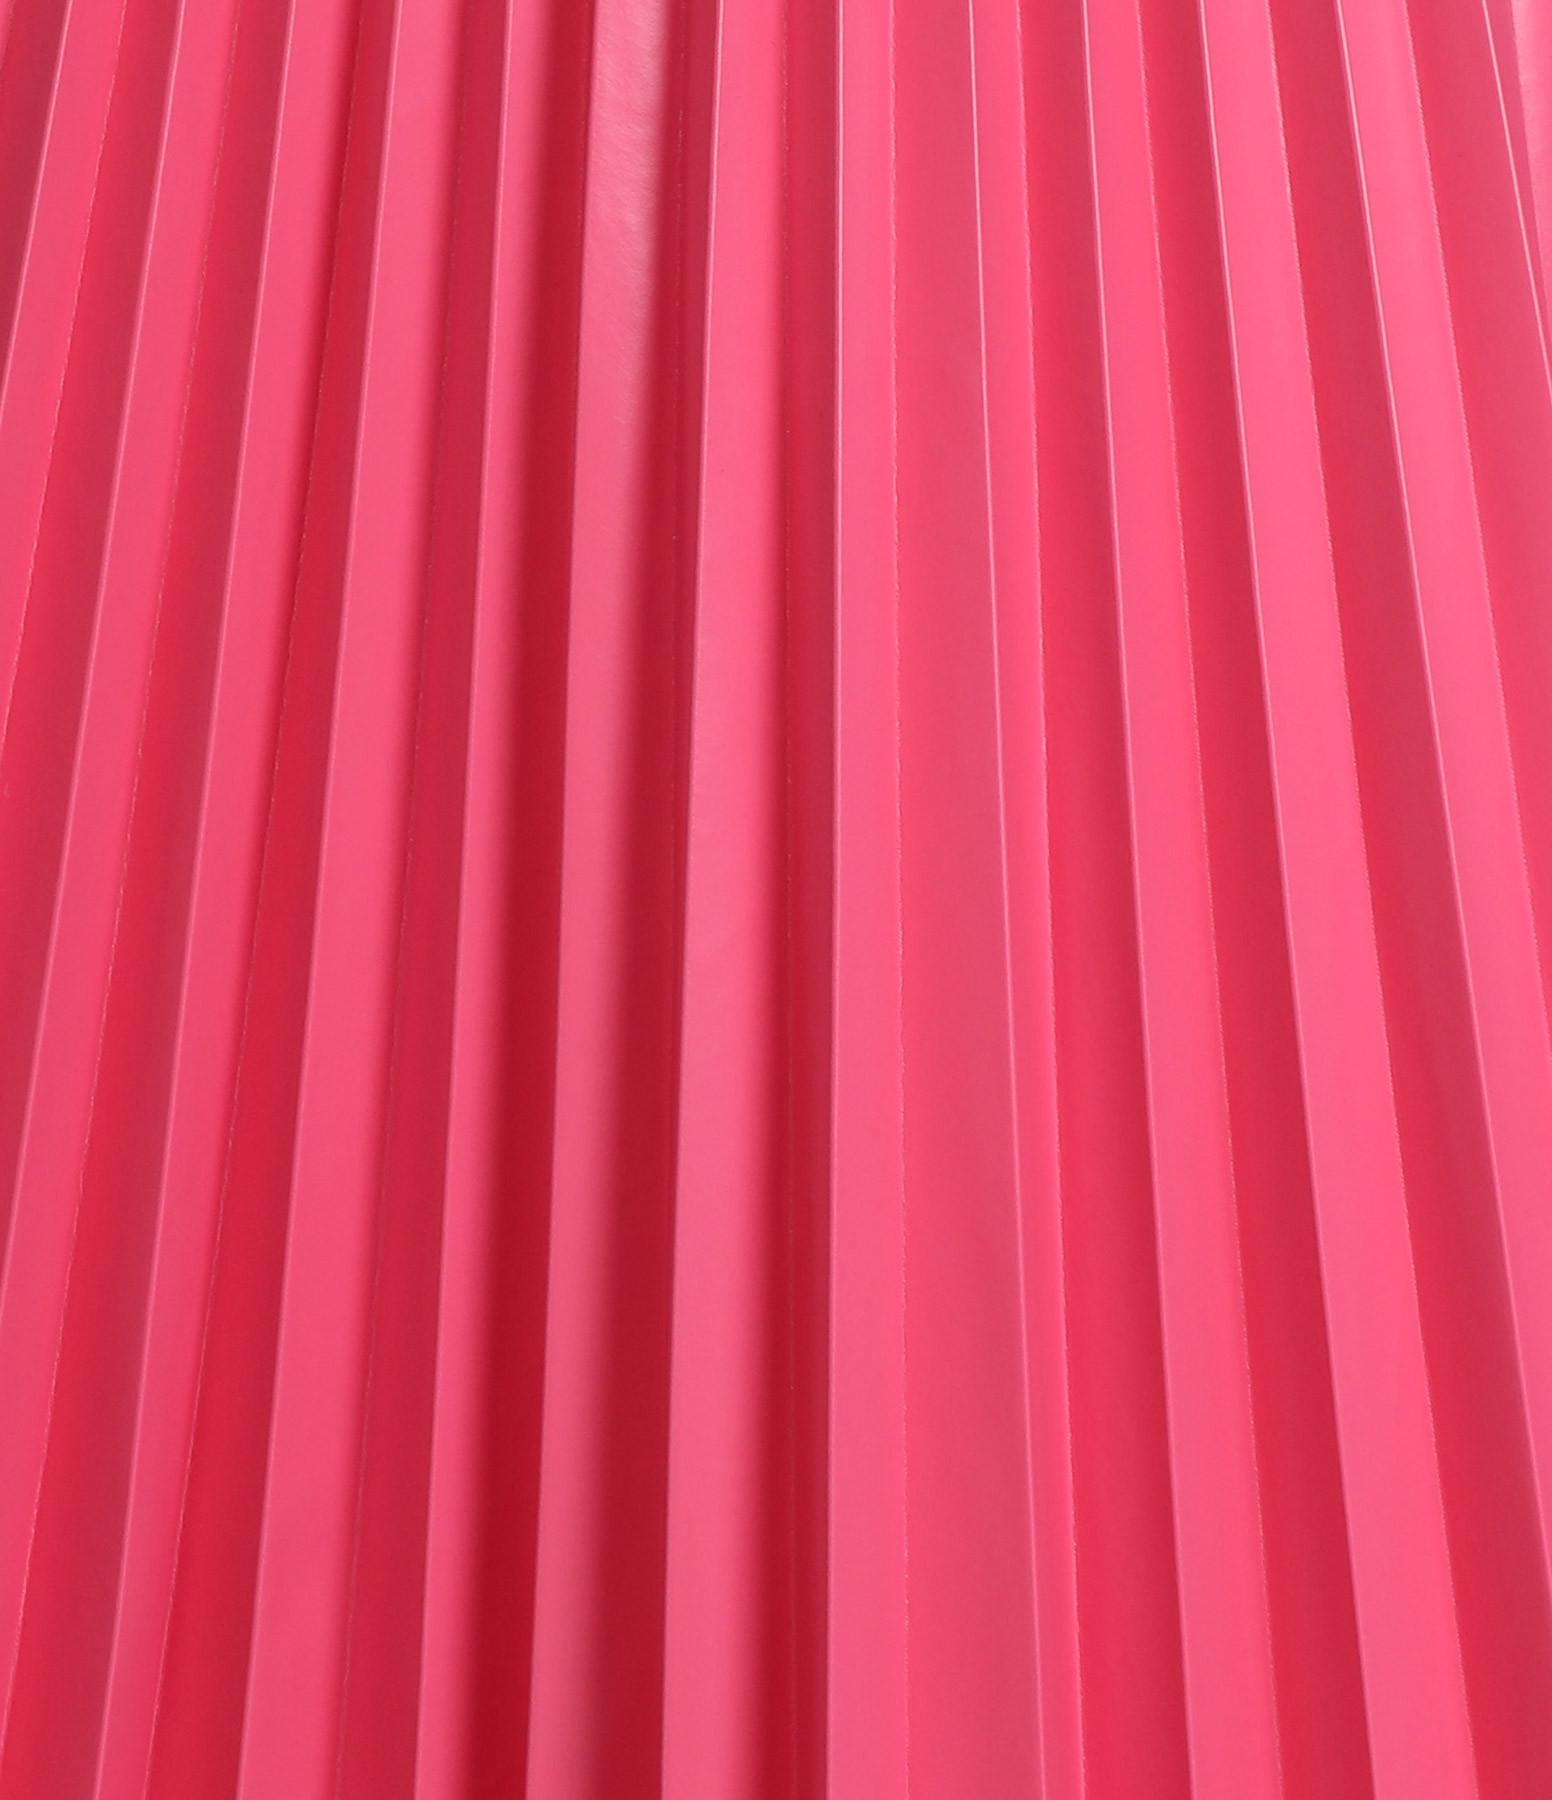 MM6 MAISON MARGIELA - Jupe Plissée Rose Barbie